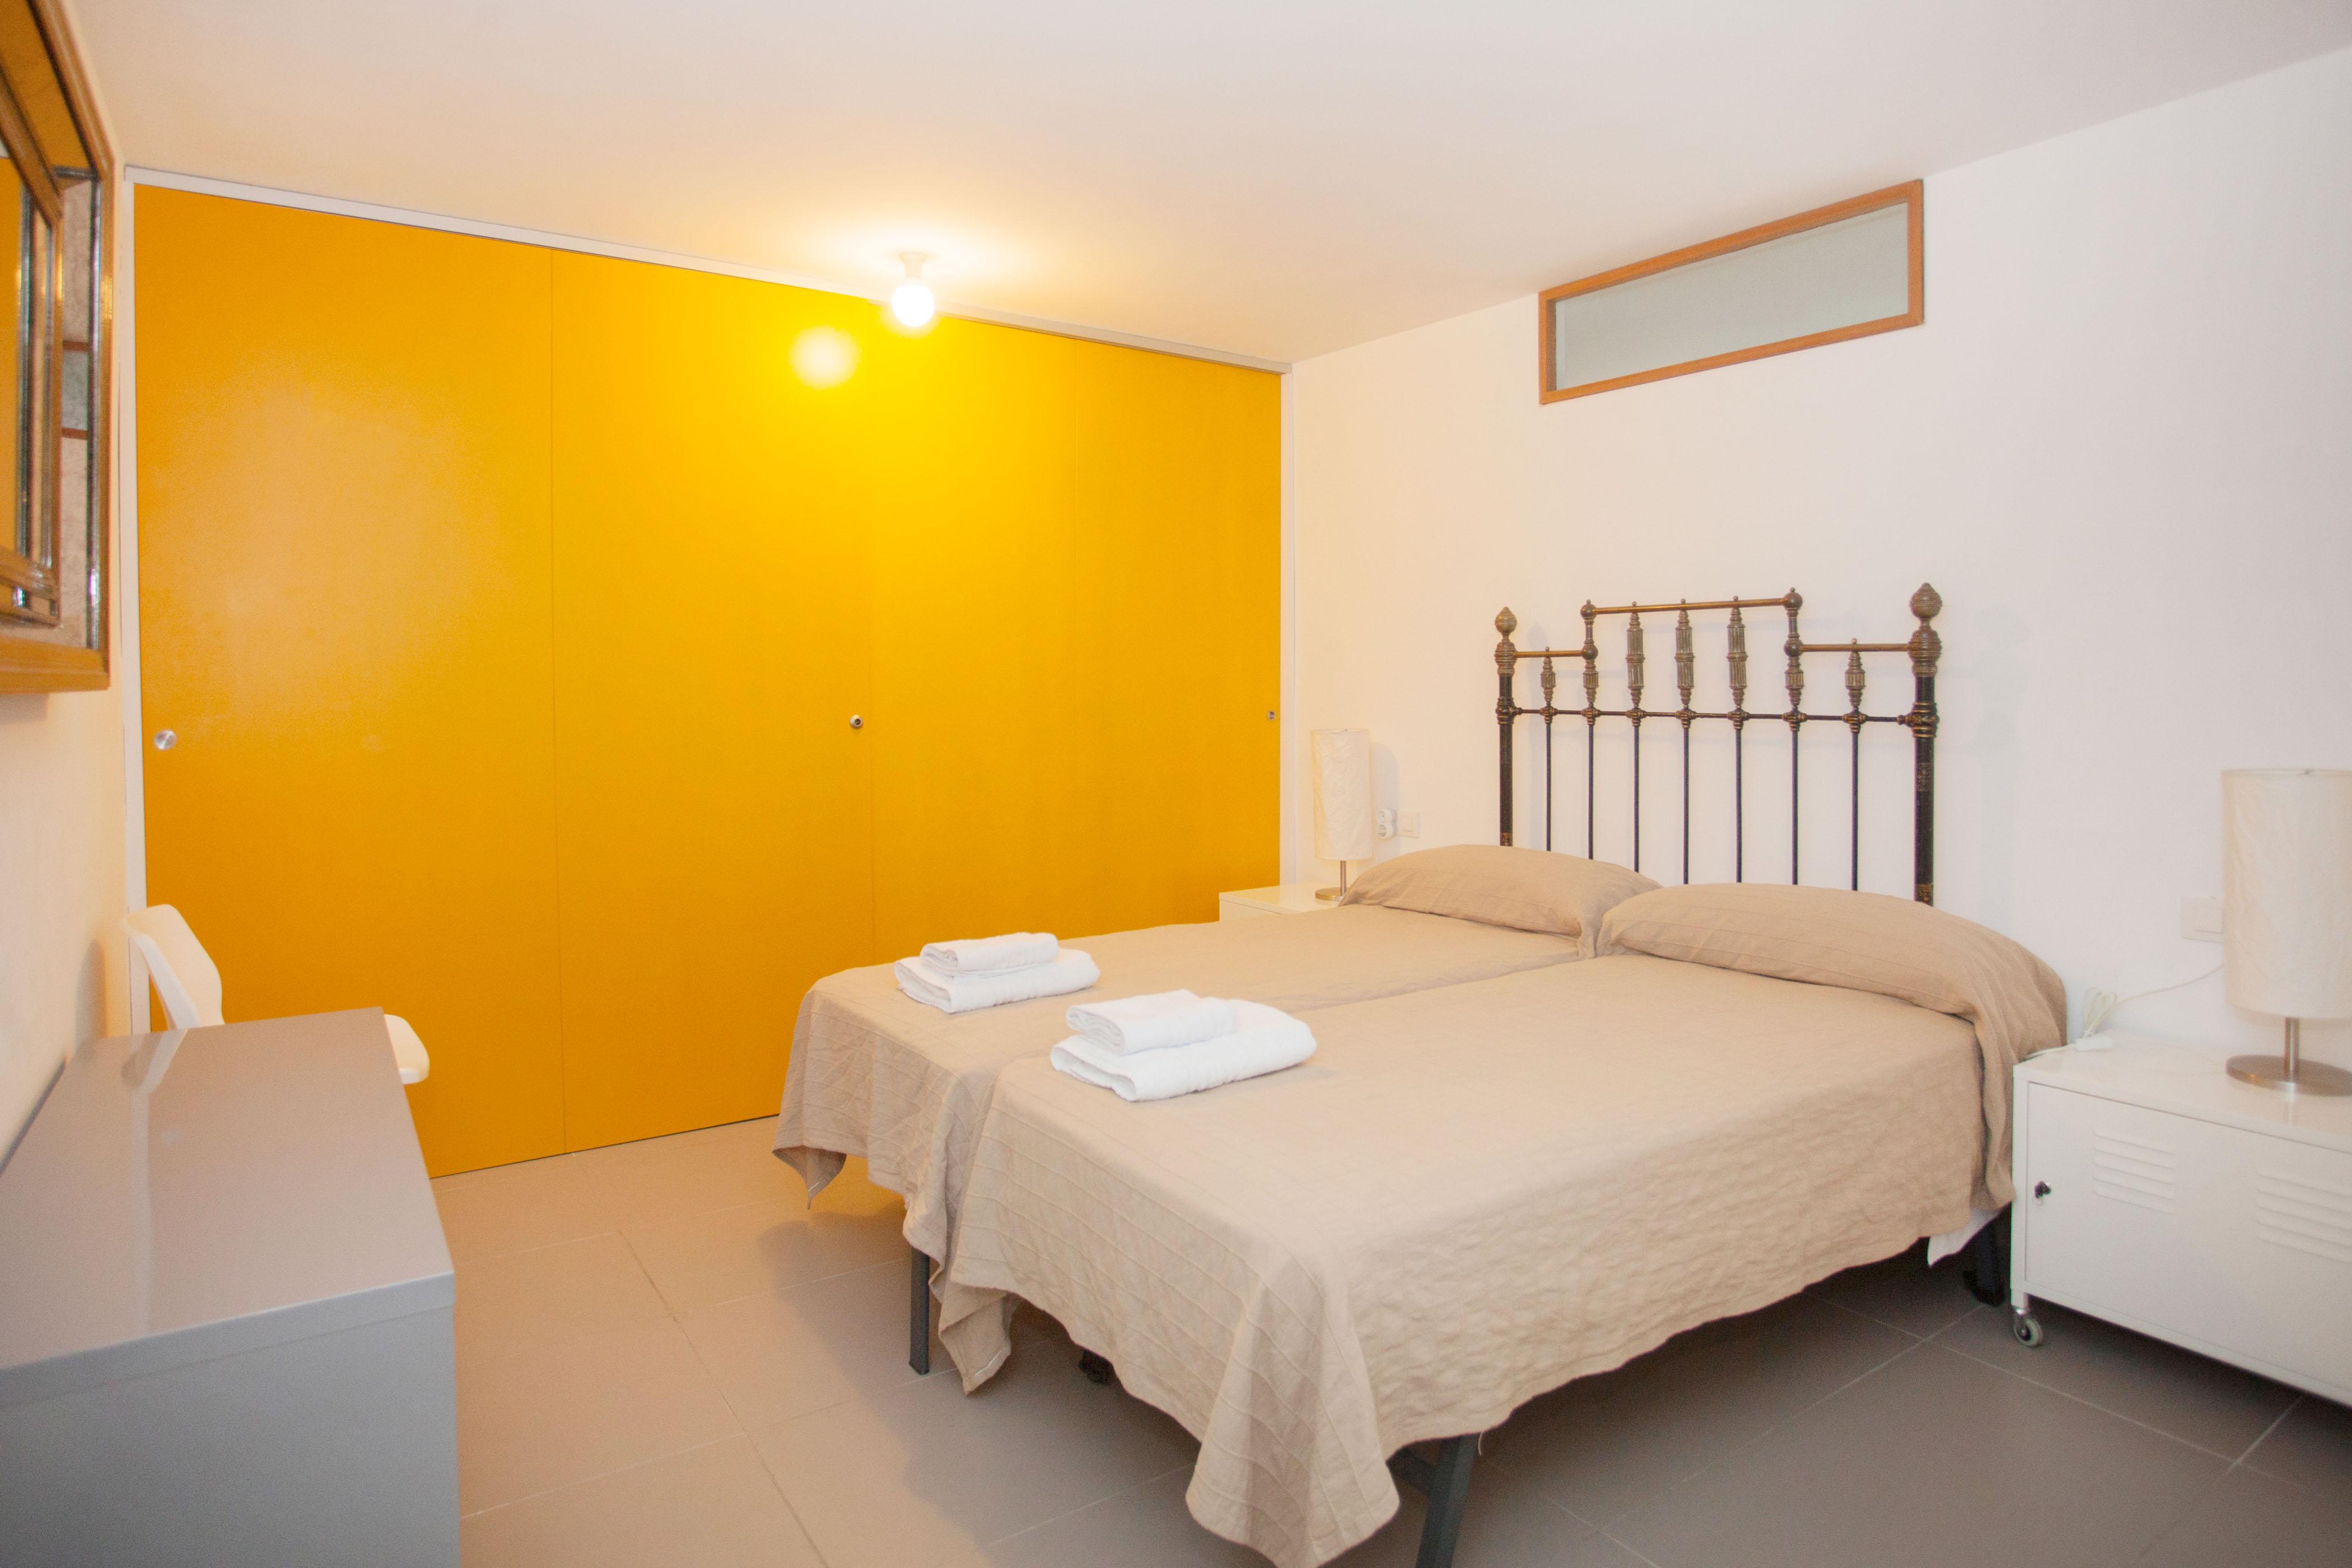 ferienhaus alaro mit klimaanlage f r bis zu 6 personen mieten. Black Bedroom Furniture Sets. Home Design Ideas